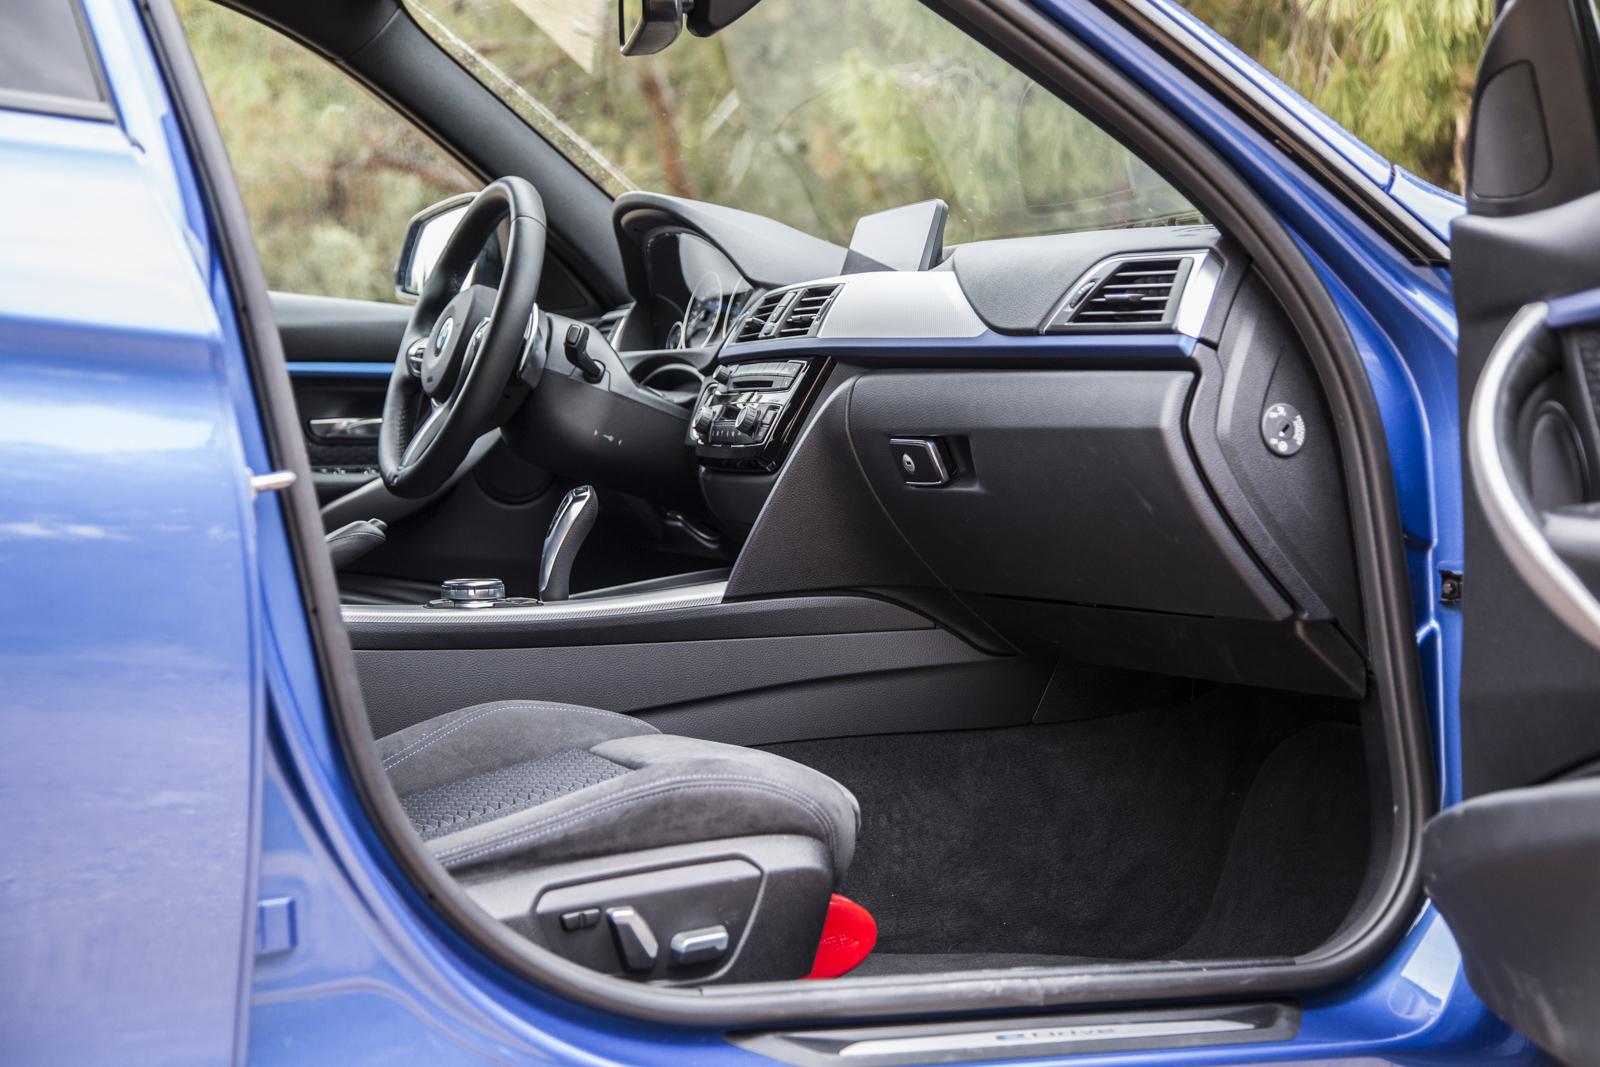 Test_Drive_BMW_330e_43